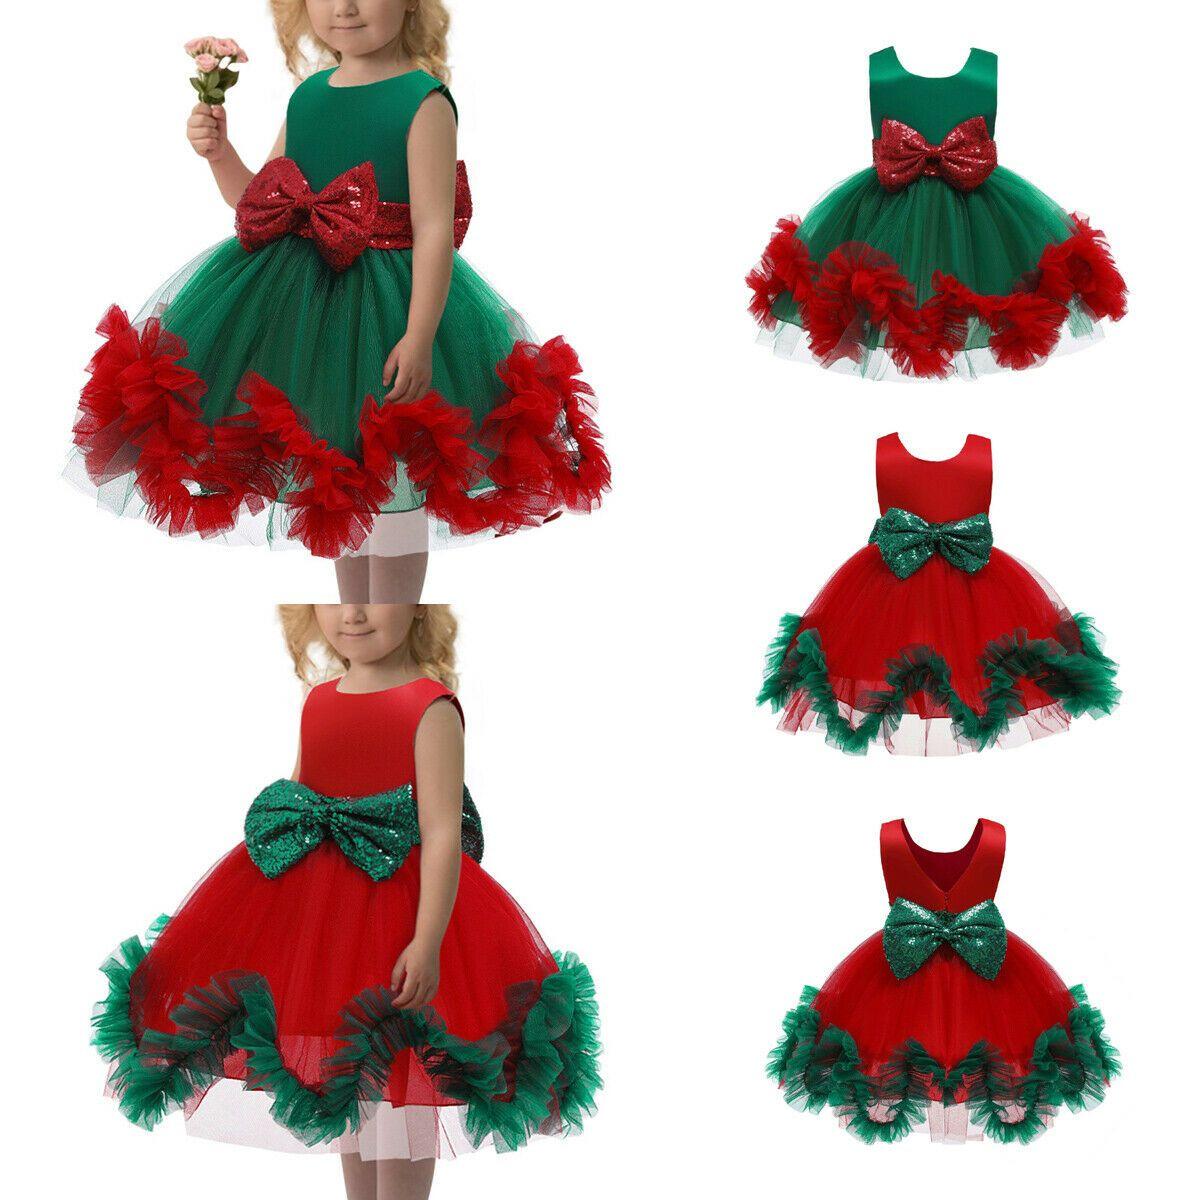 Hot Sell Nuovi modo del bambino delle ragazze dei capretti Christams natale paillettes bowknot nozze principessa partito di Tulle dal tutu